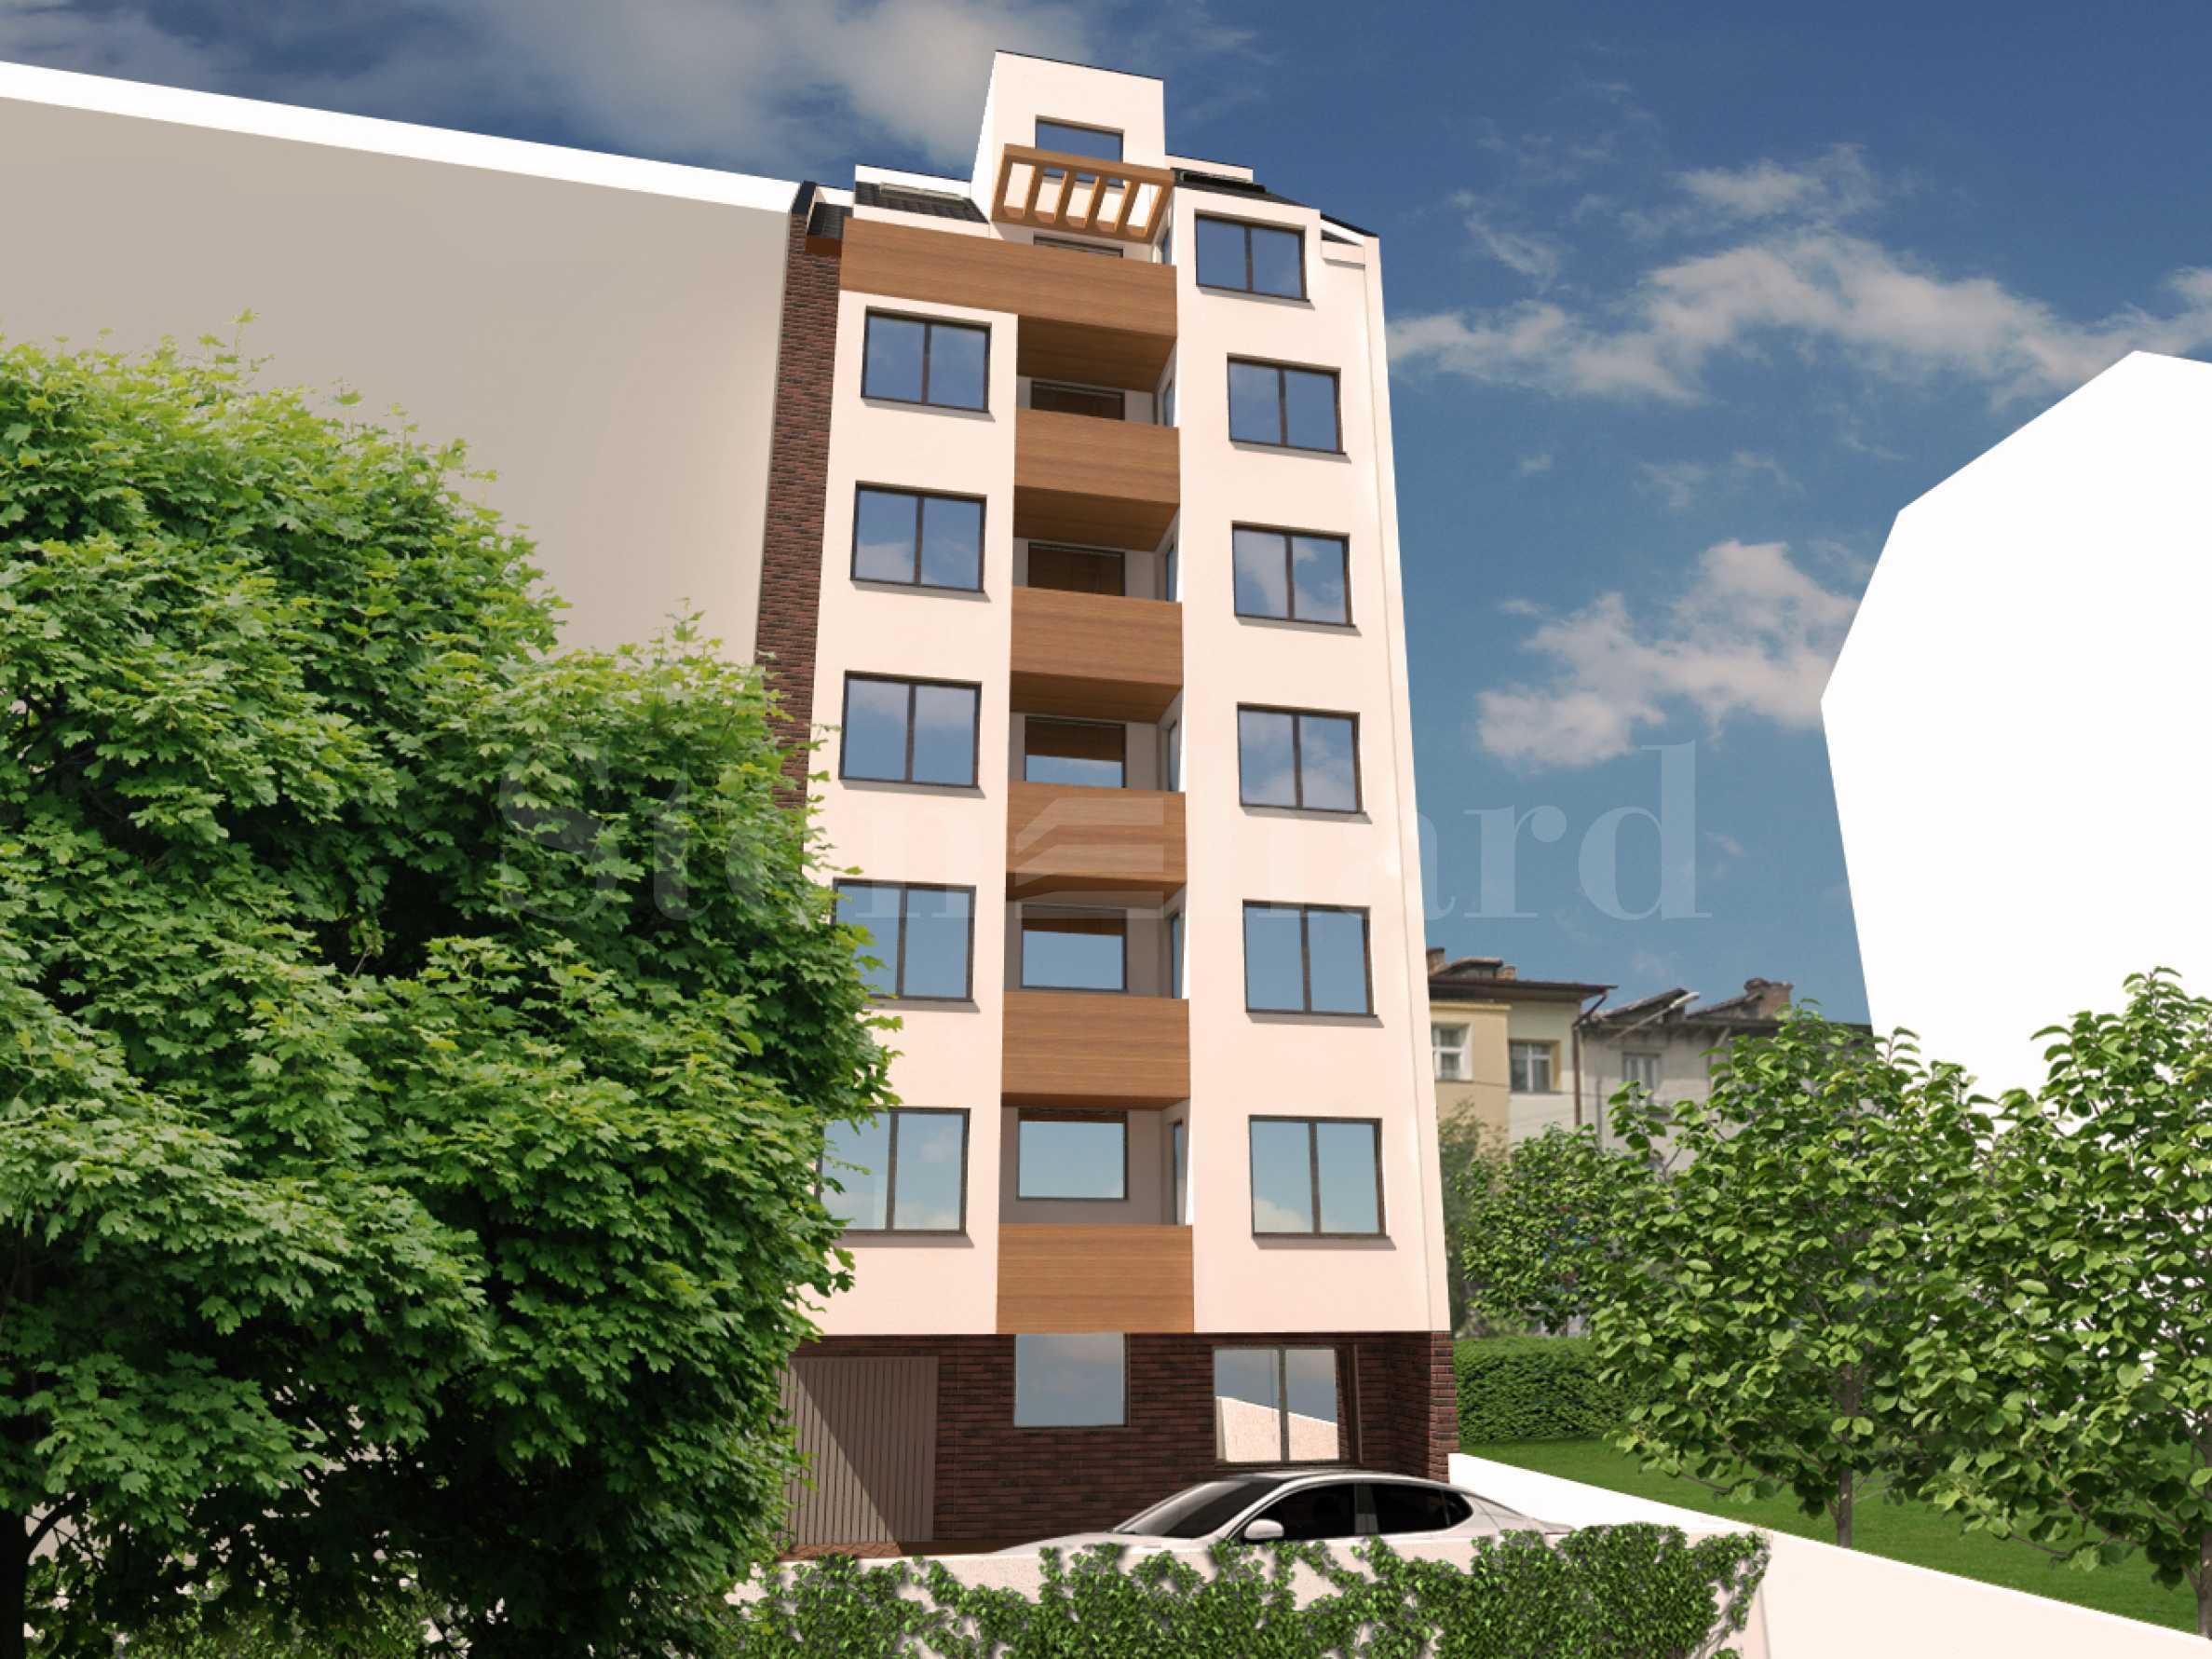 Високоетажна жилищна сграда с двустайни апартаменти в широкия център2 - Stonehard